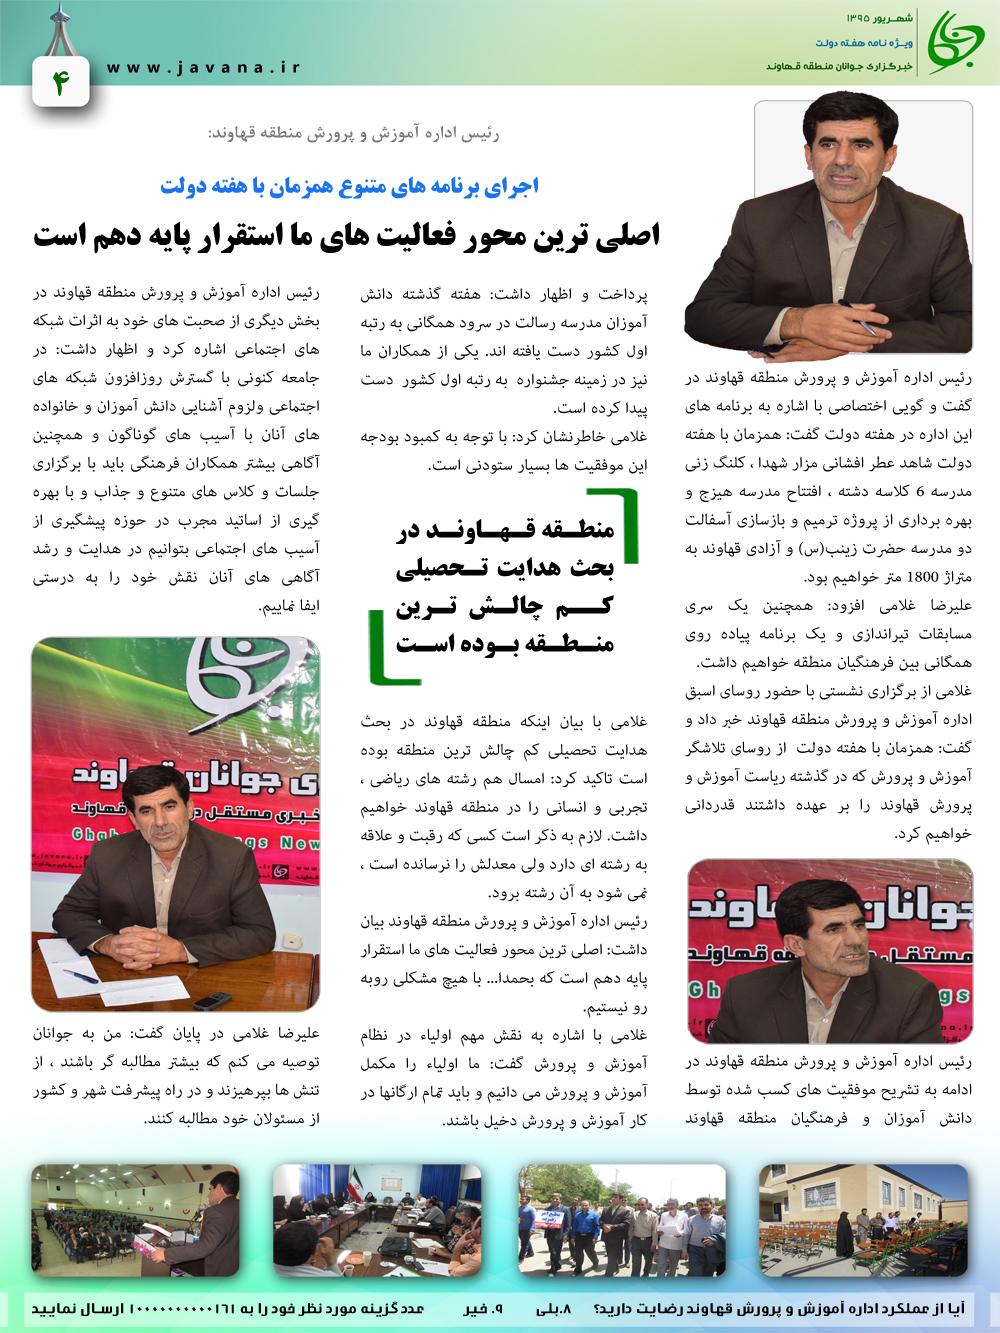 ویژه نامه هفته دولت در شهر قهاوند (2)